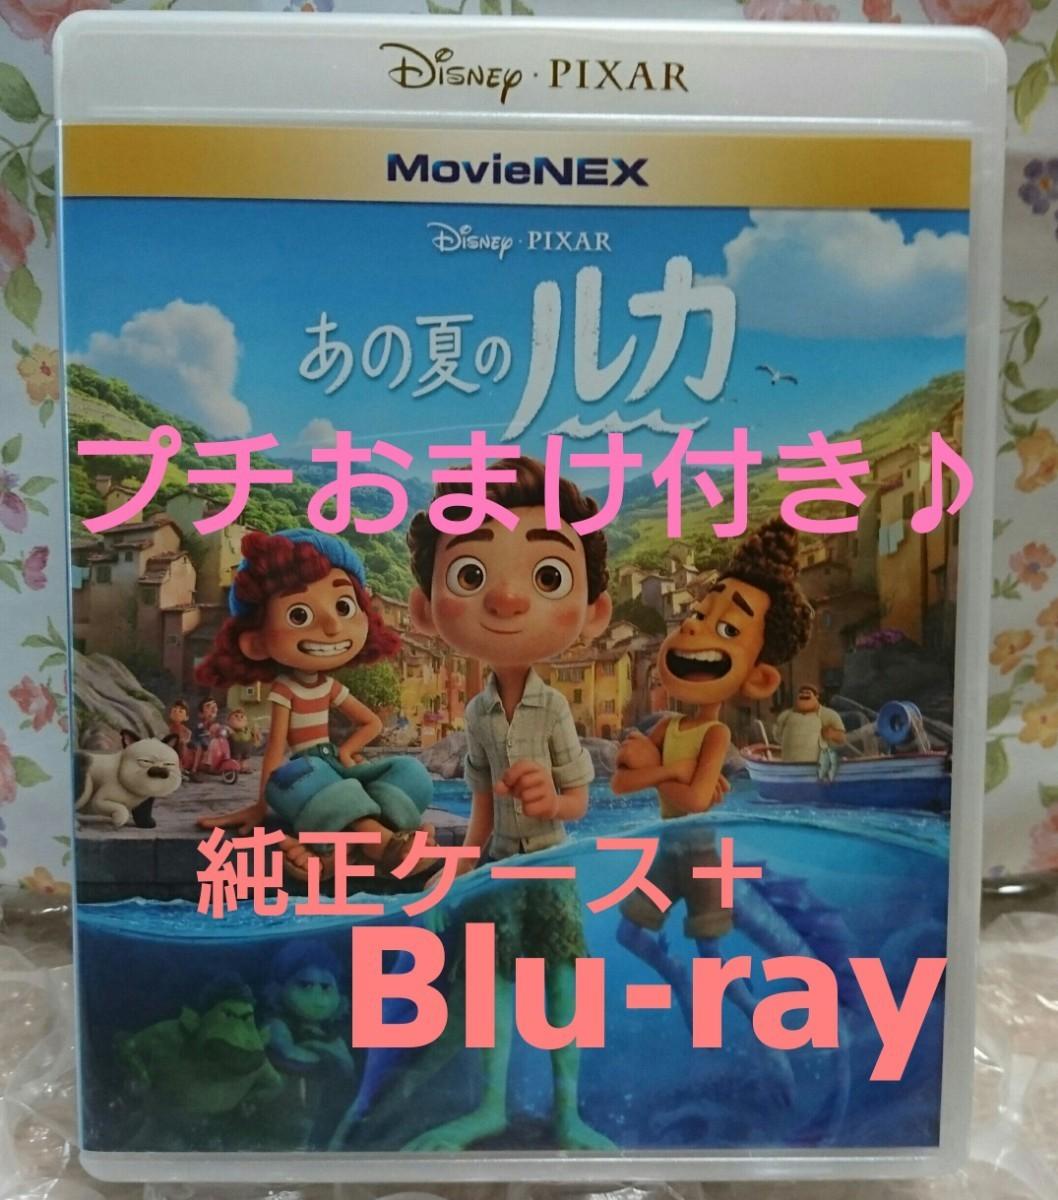 ★Blu-ray★純正ケース★プチおまけ付き★ あの夏のルカ ブルーレイ BD ディズニー ピクサー MovieNEX